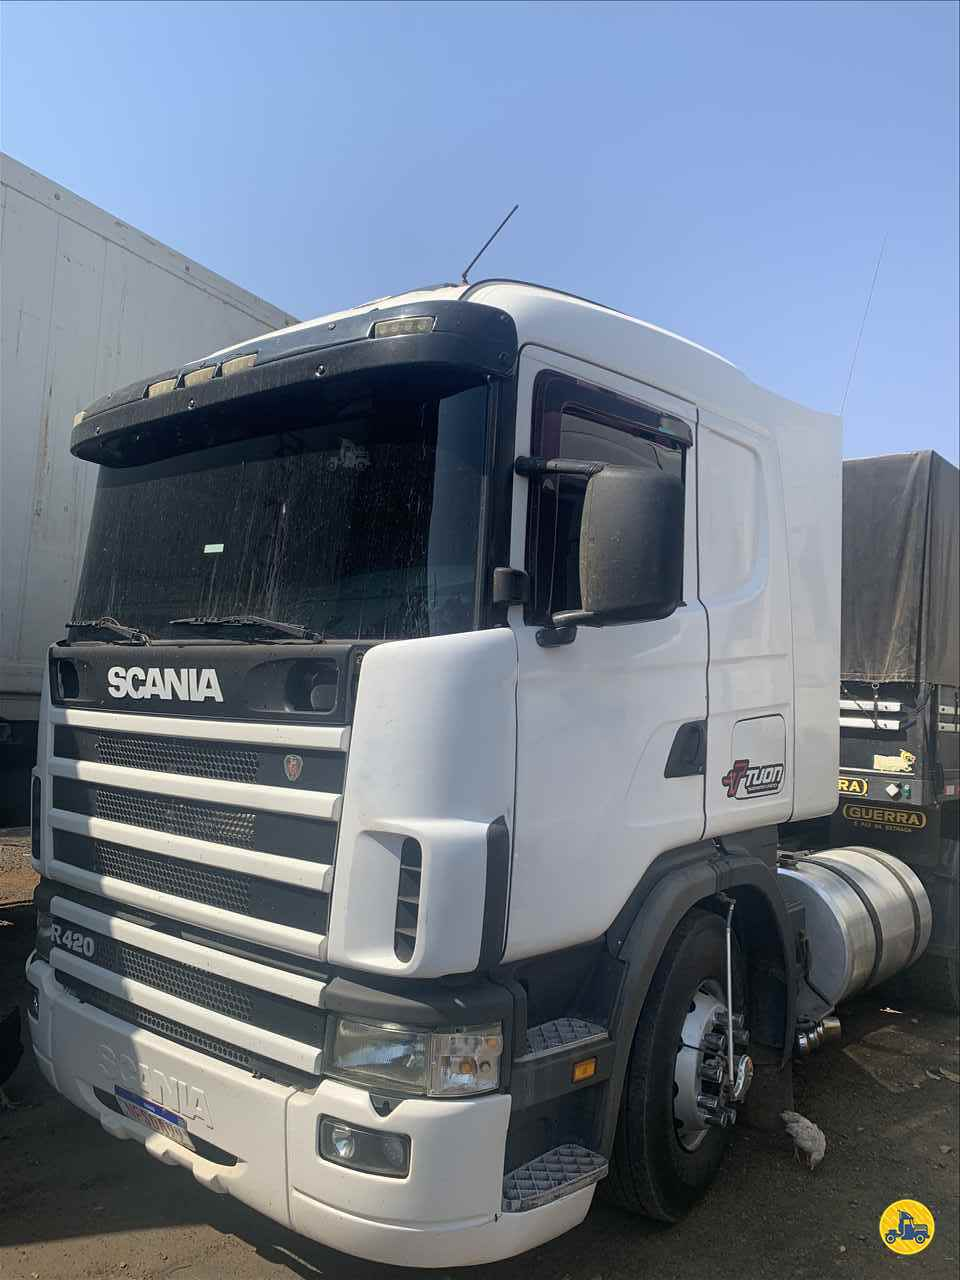 CAMINHAO SCANIA SCANIA 124 420 Cavalo Mecânico Truck 6x2 Transportadora Tuon PIRASSUNUNGA SÃO PAULO SP